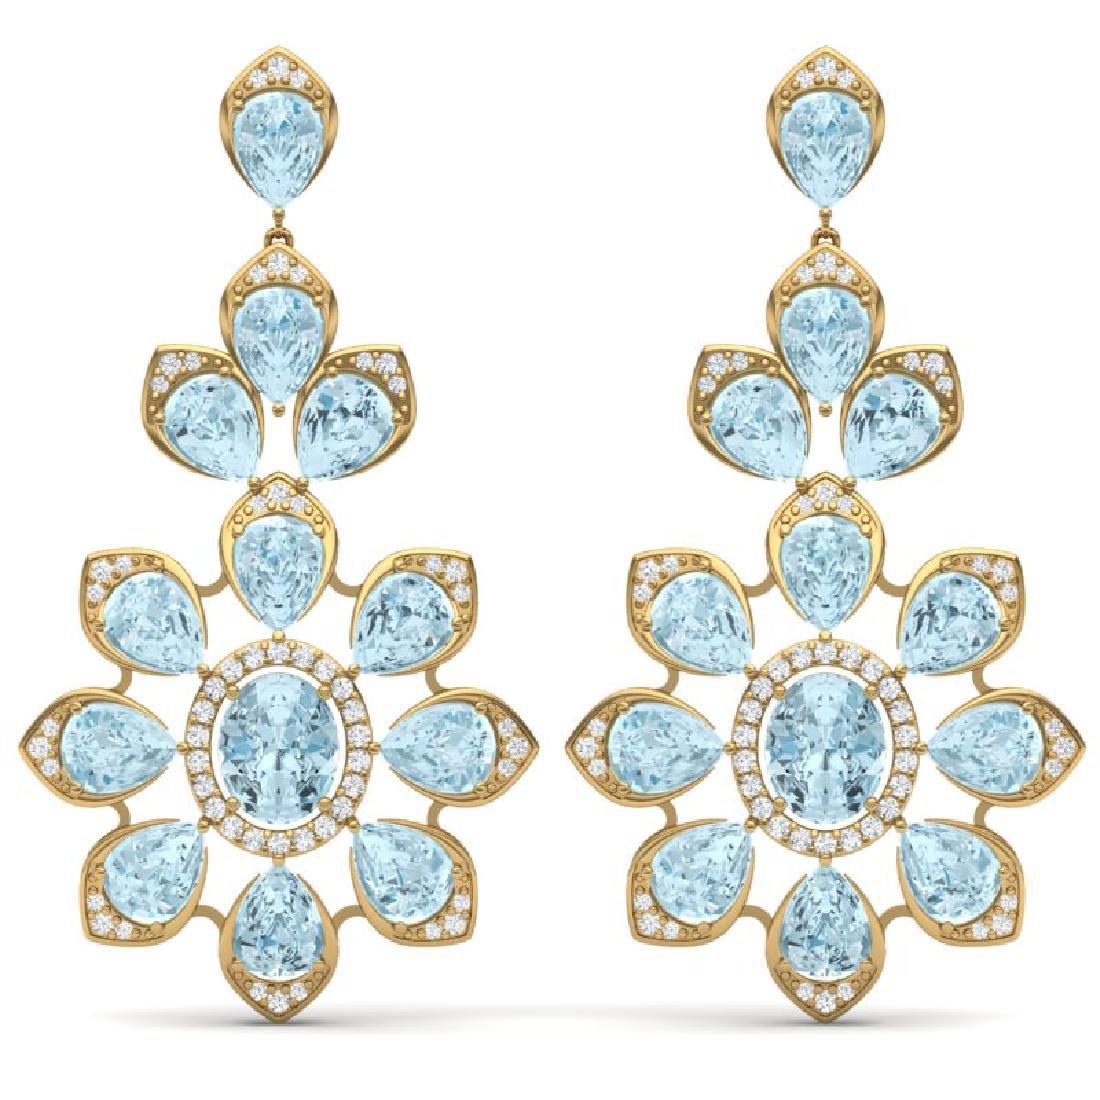 53.34 CTW Royalty Sky Topaz & VS Diamond Earrings 18K